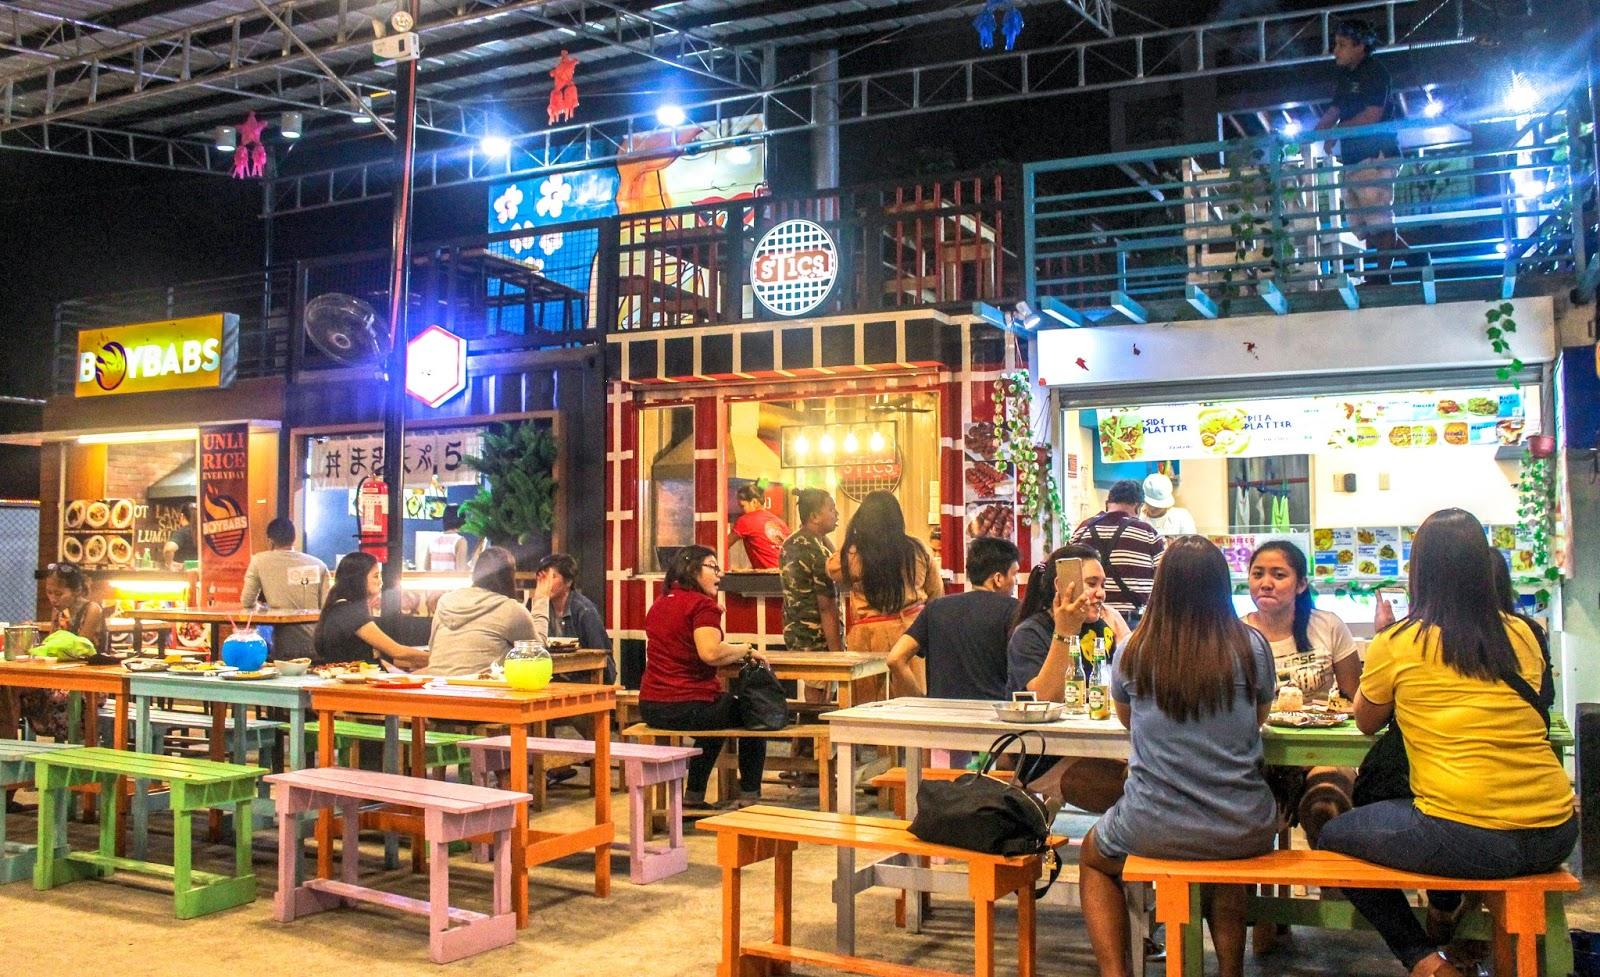 Food park / Dicks sportsgoods